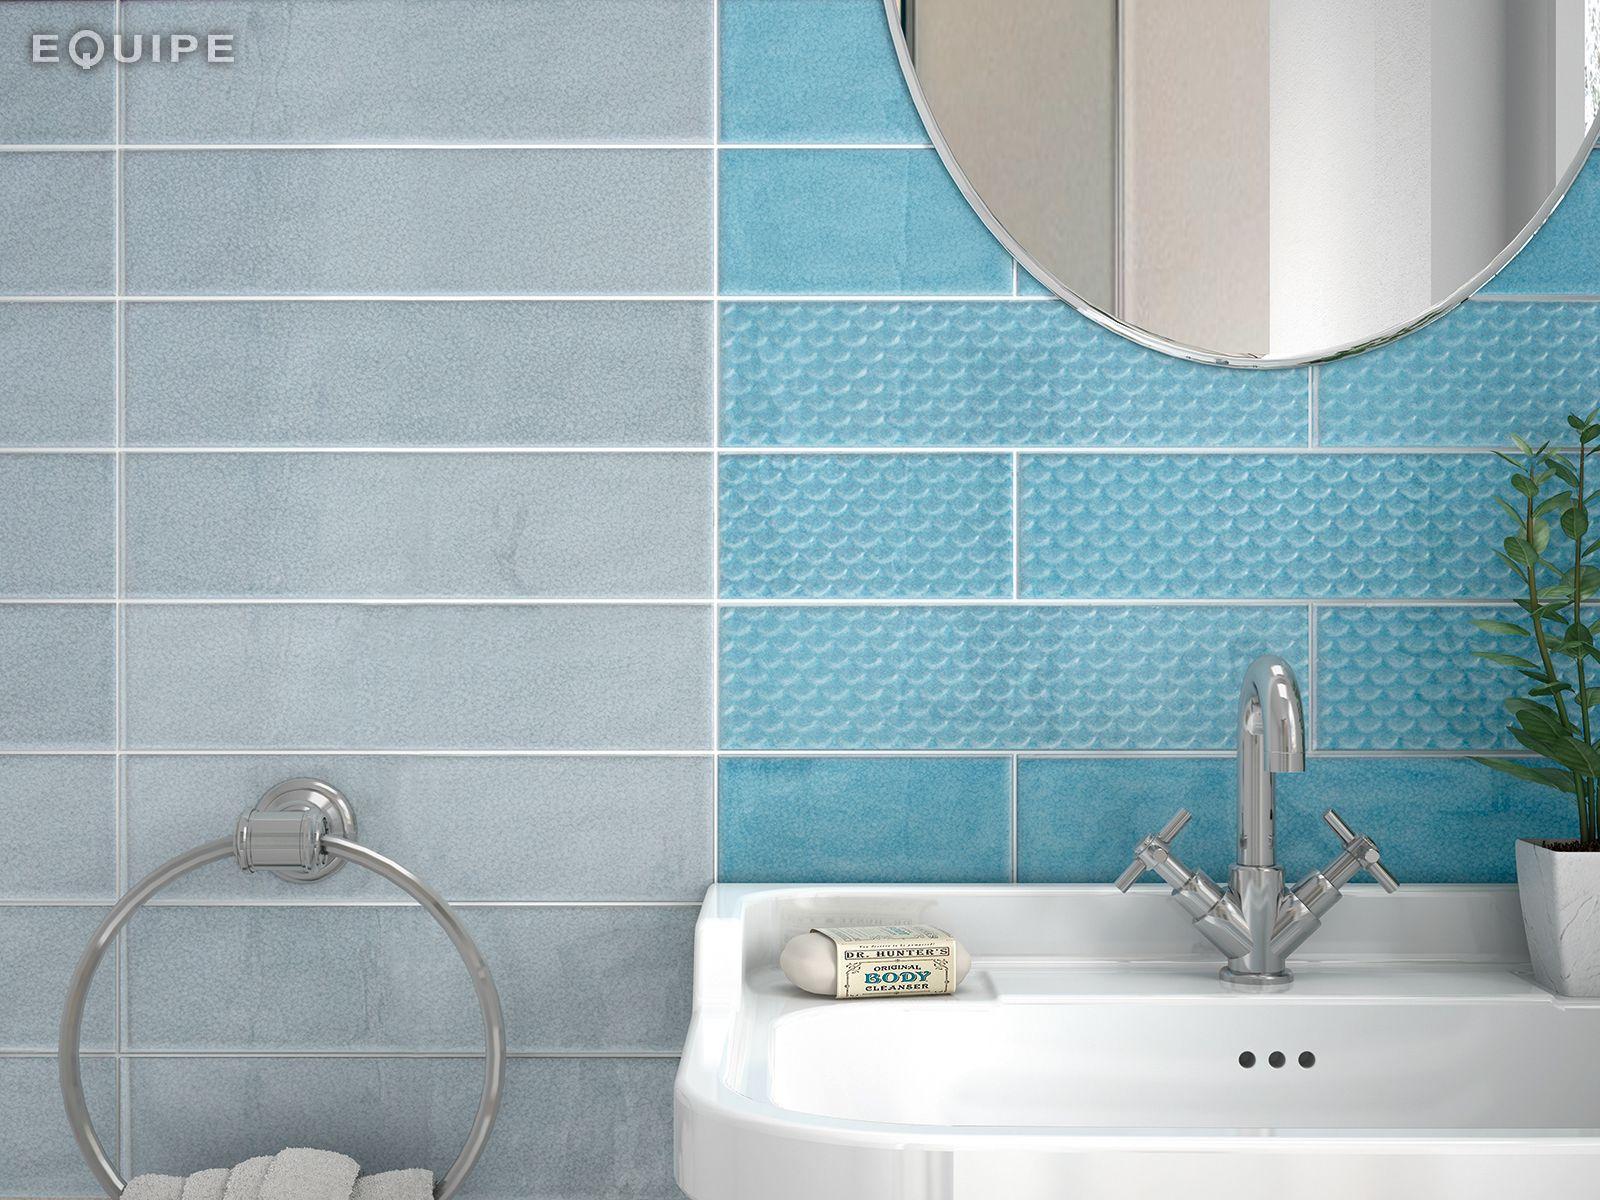 Cosmos Blue Ash Turquoise 7 5x30 Deco Squama 7 5x30 Bathroom